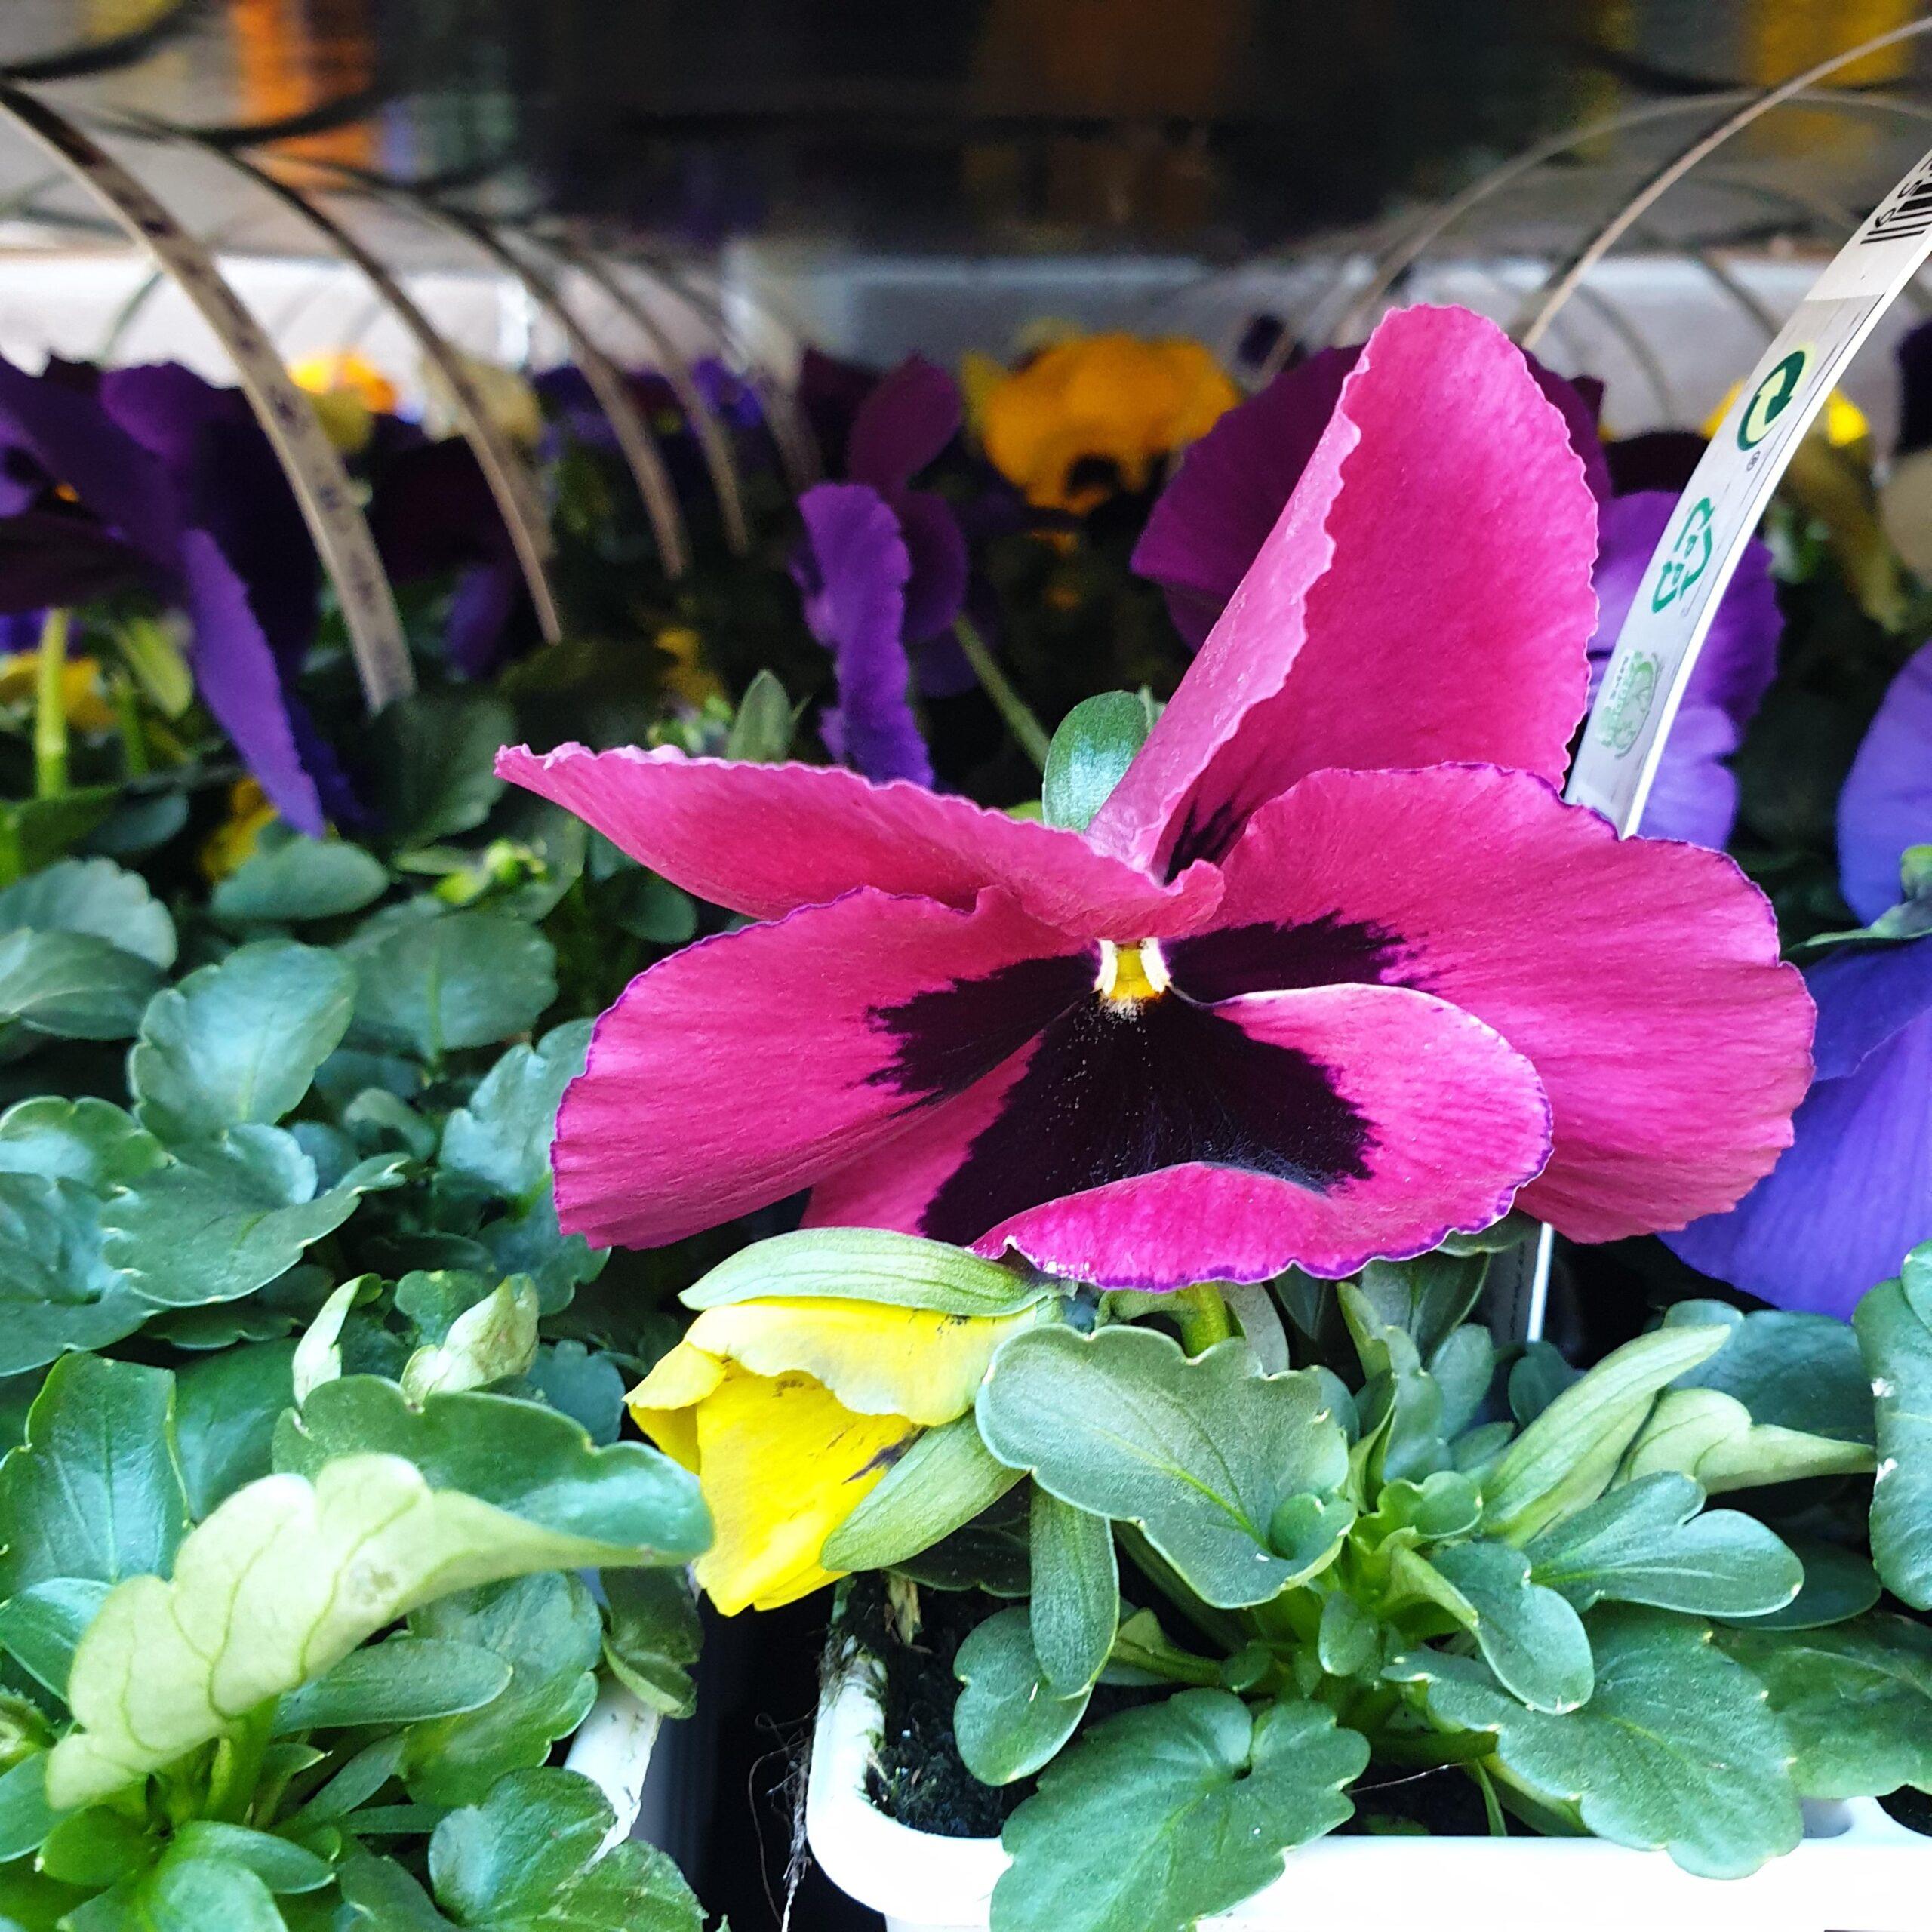 Zaterdag 6 maart bezorging violen!